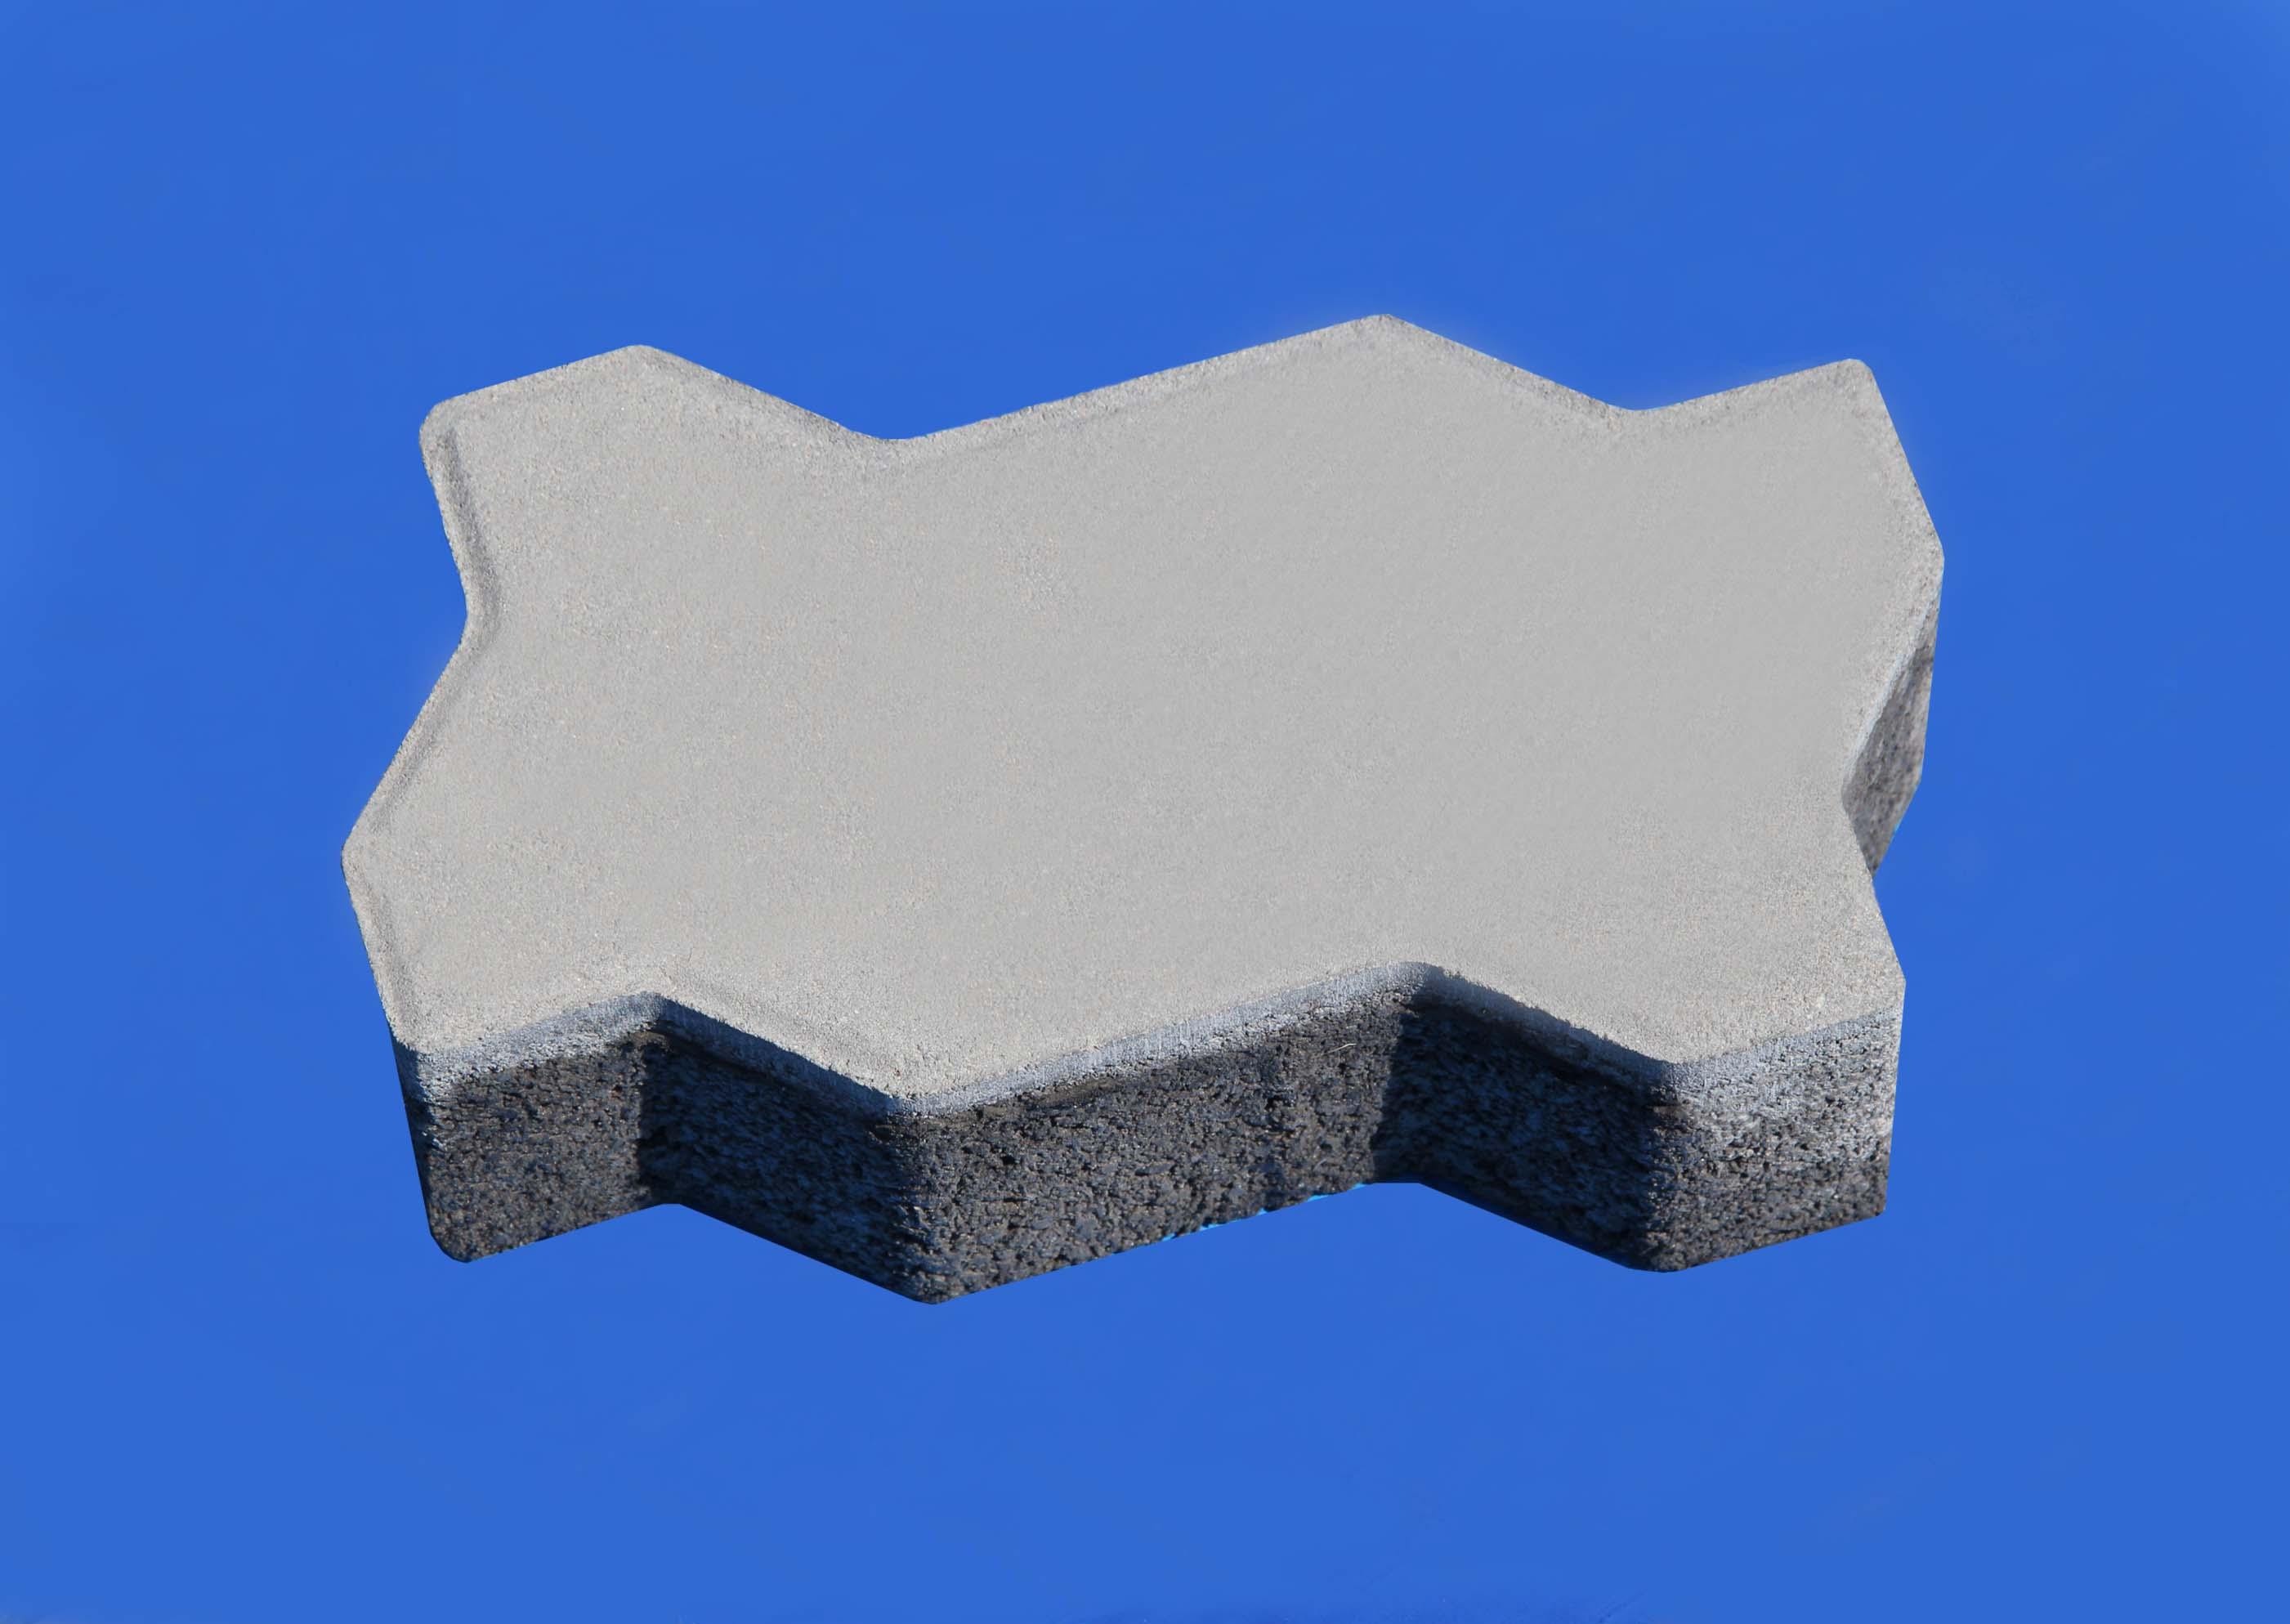 彩色地面磚系列之本色波浪磚